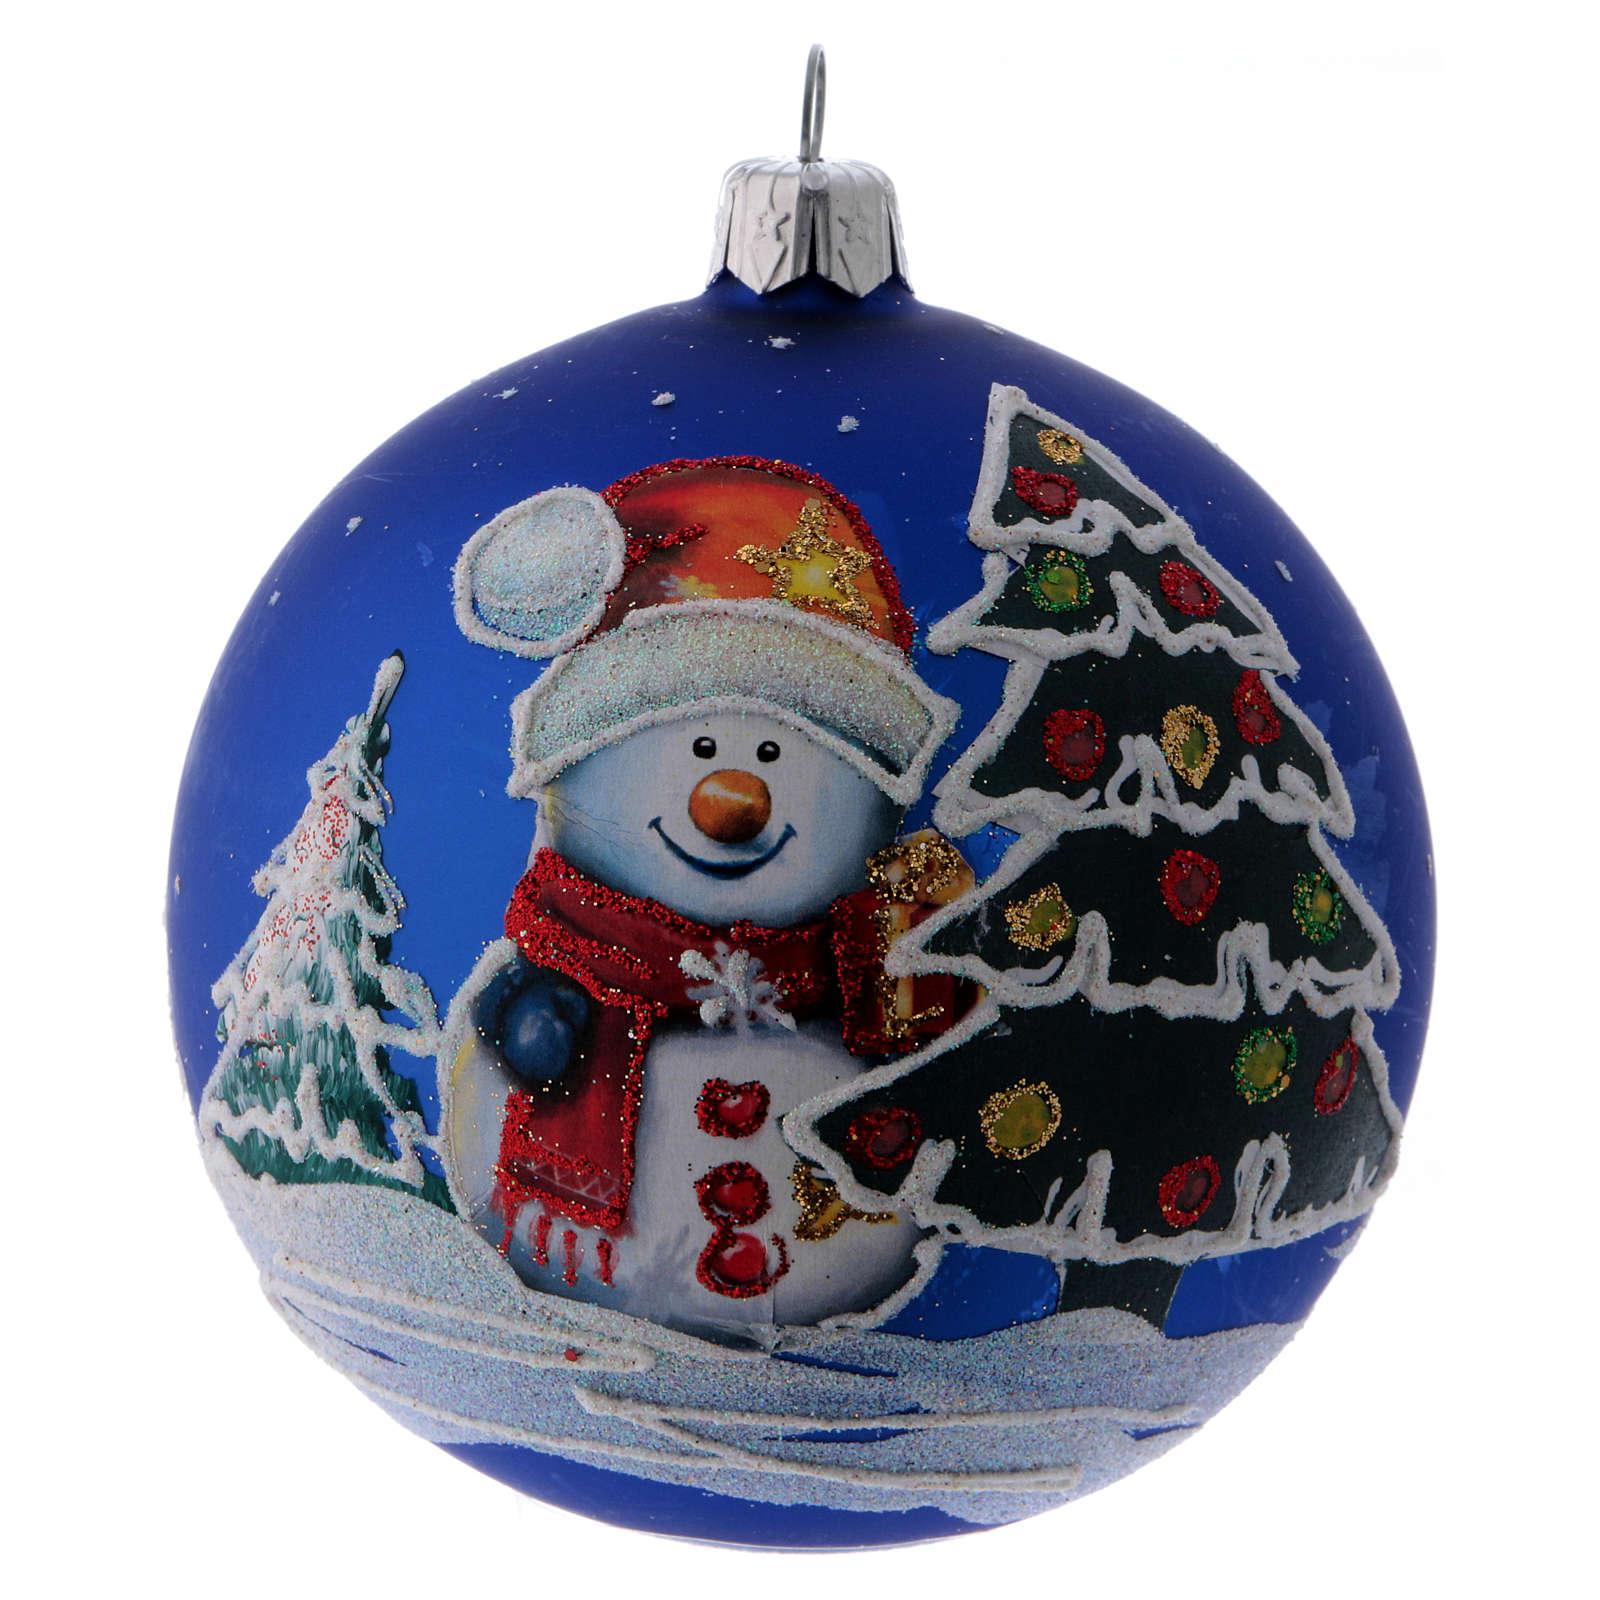 Bolita Navidad vidrio azul y árboles nevados decorados 100 mm 4